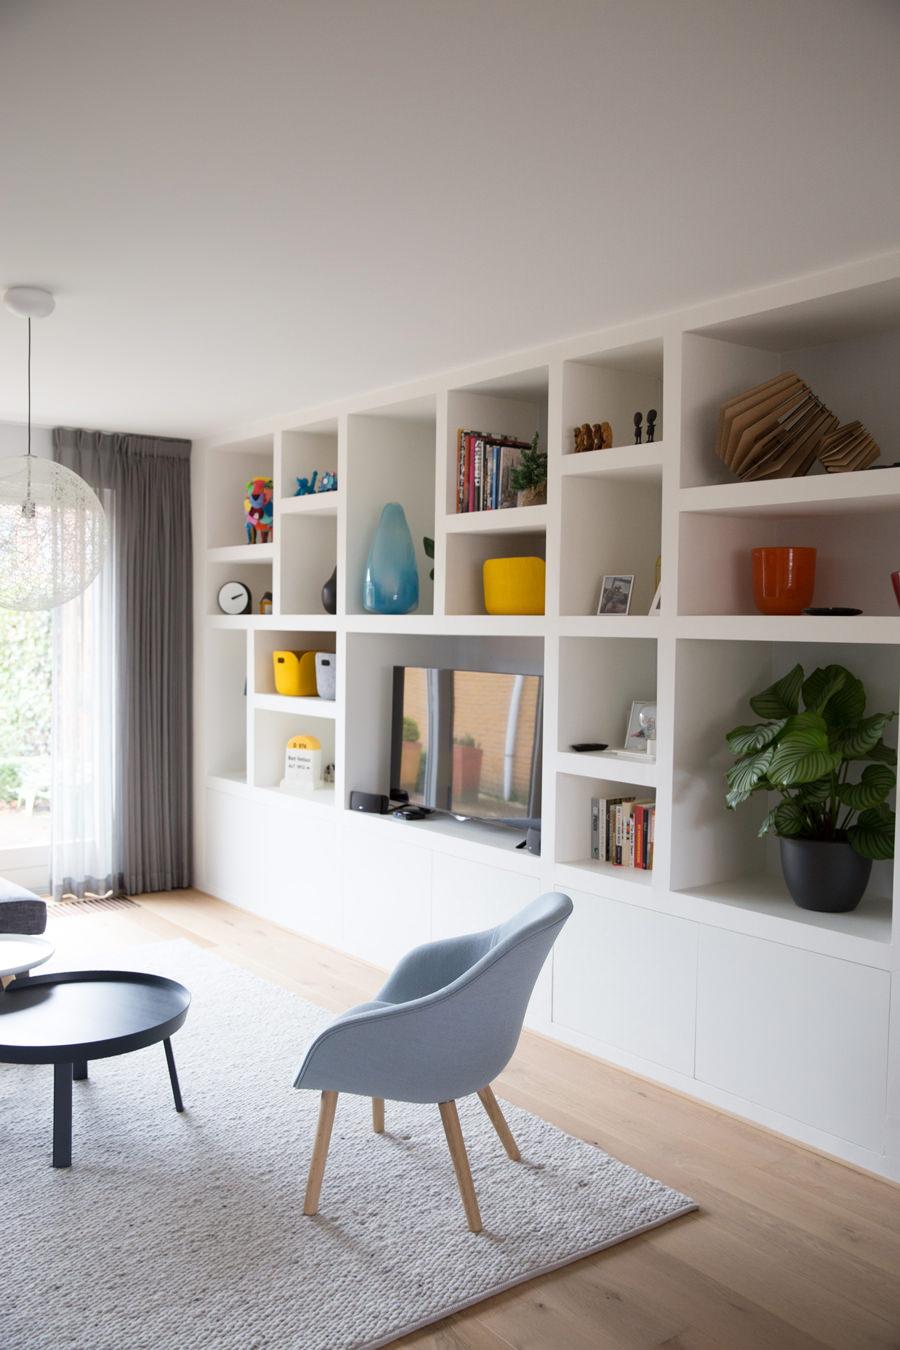 Le librerie ricavate tramite strutture in cartongesso. Parete Attrezzata In Cartongesso Per Il Soggiorno Info Prezzi E 40 Idee Moderne Start Preventivi